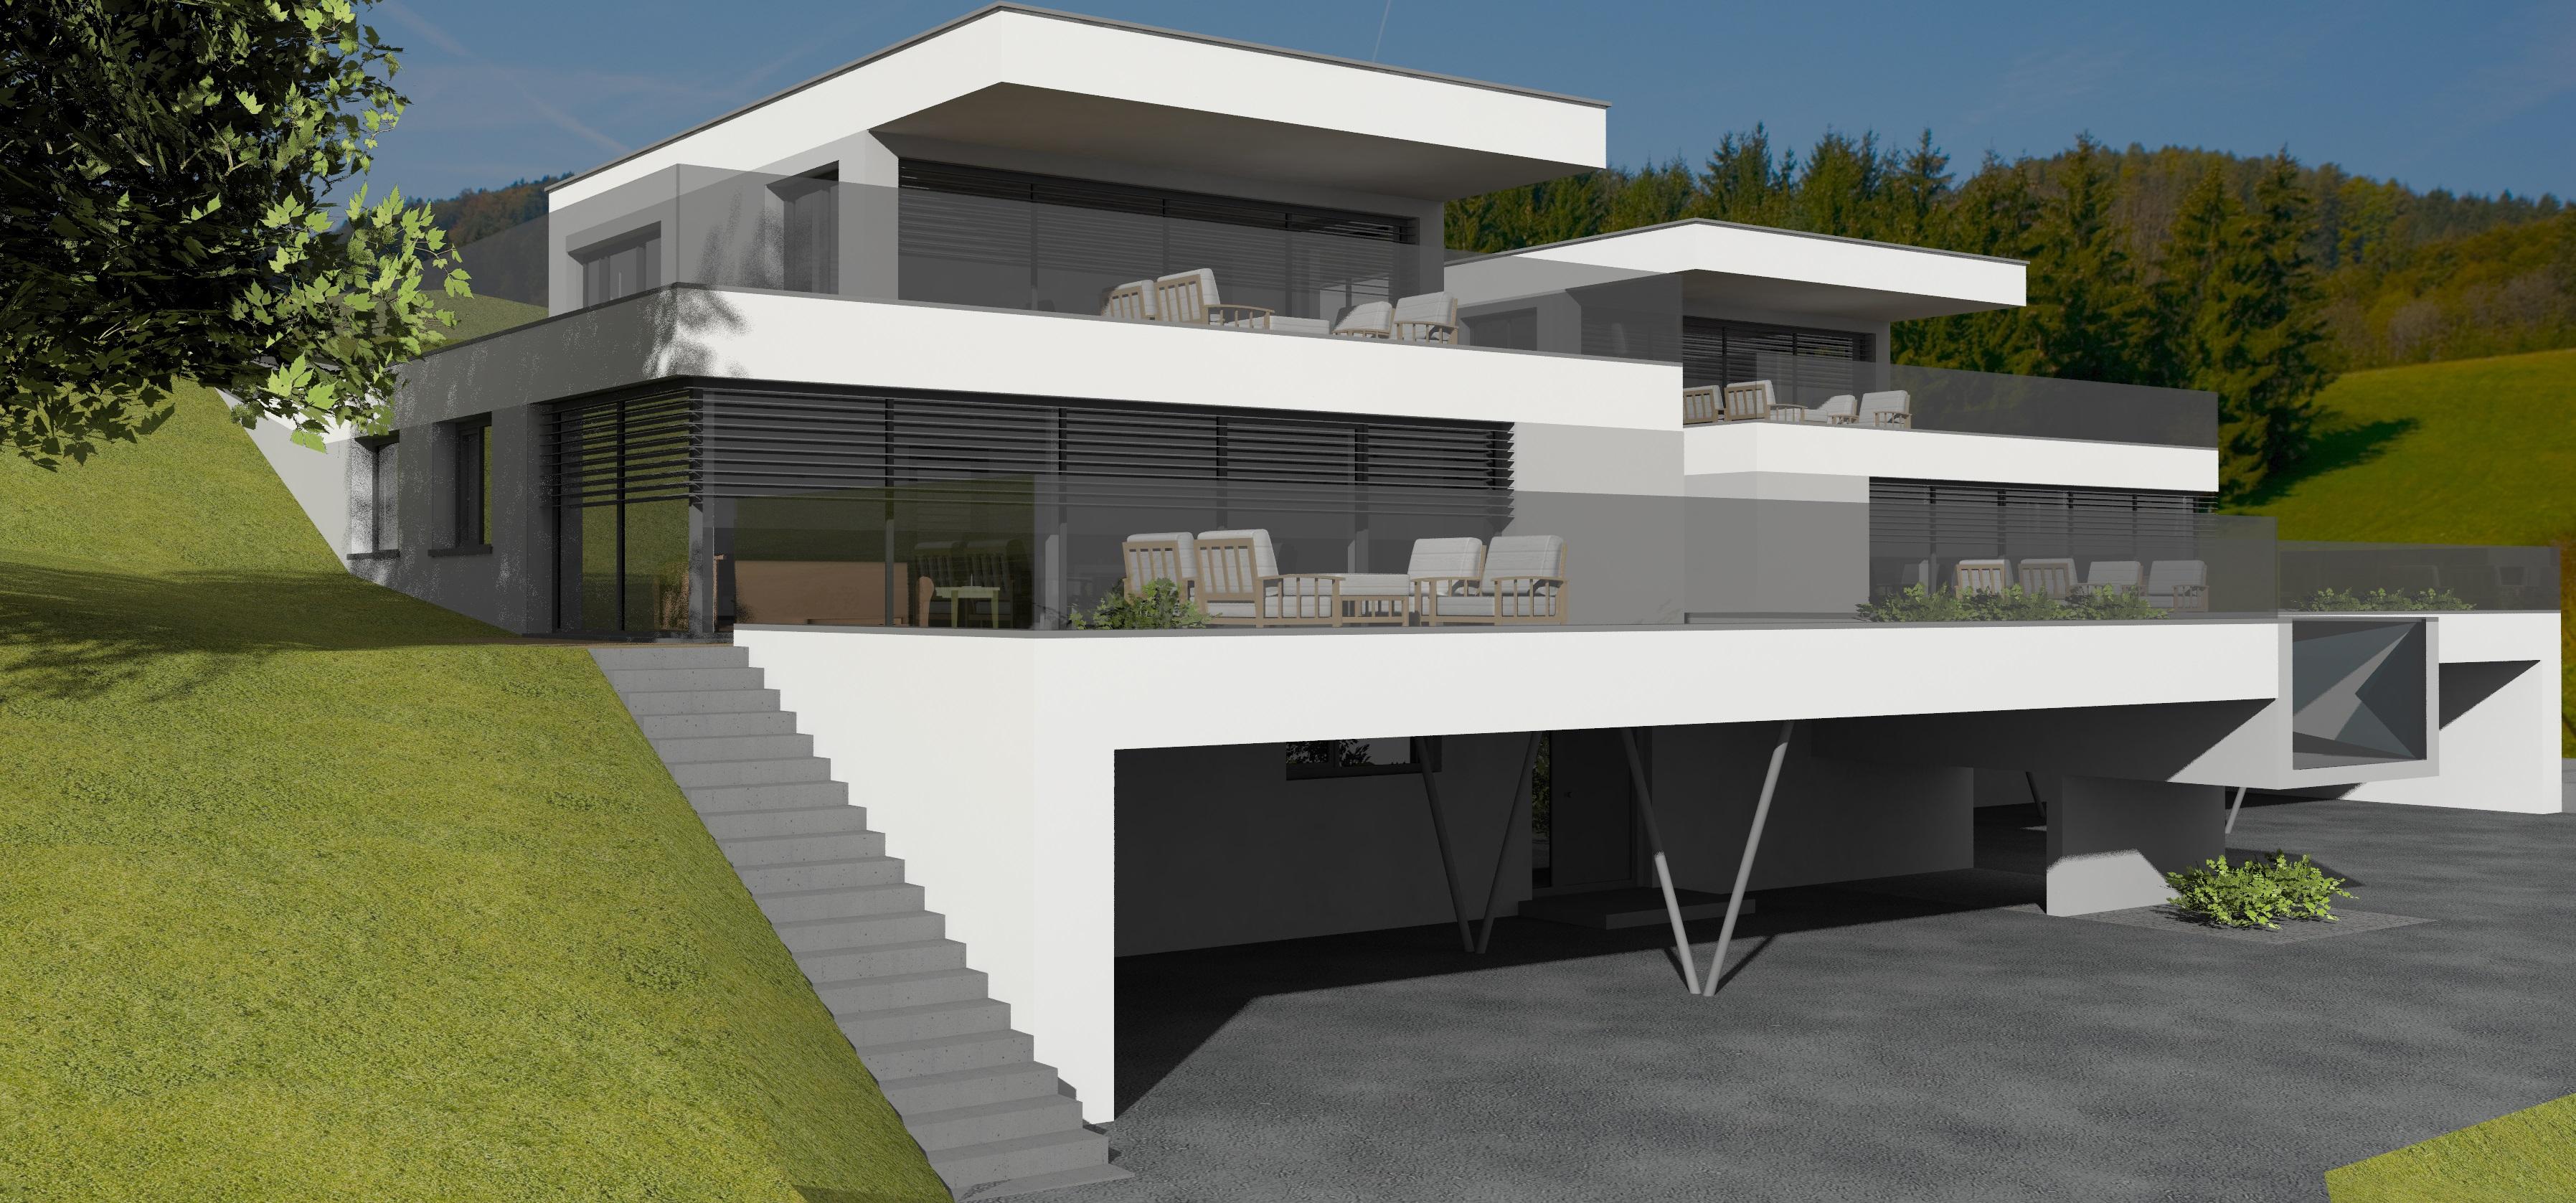 Großartig Architekten Häuser Sammlung Von Modell Katharina